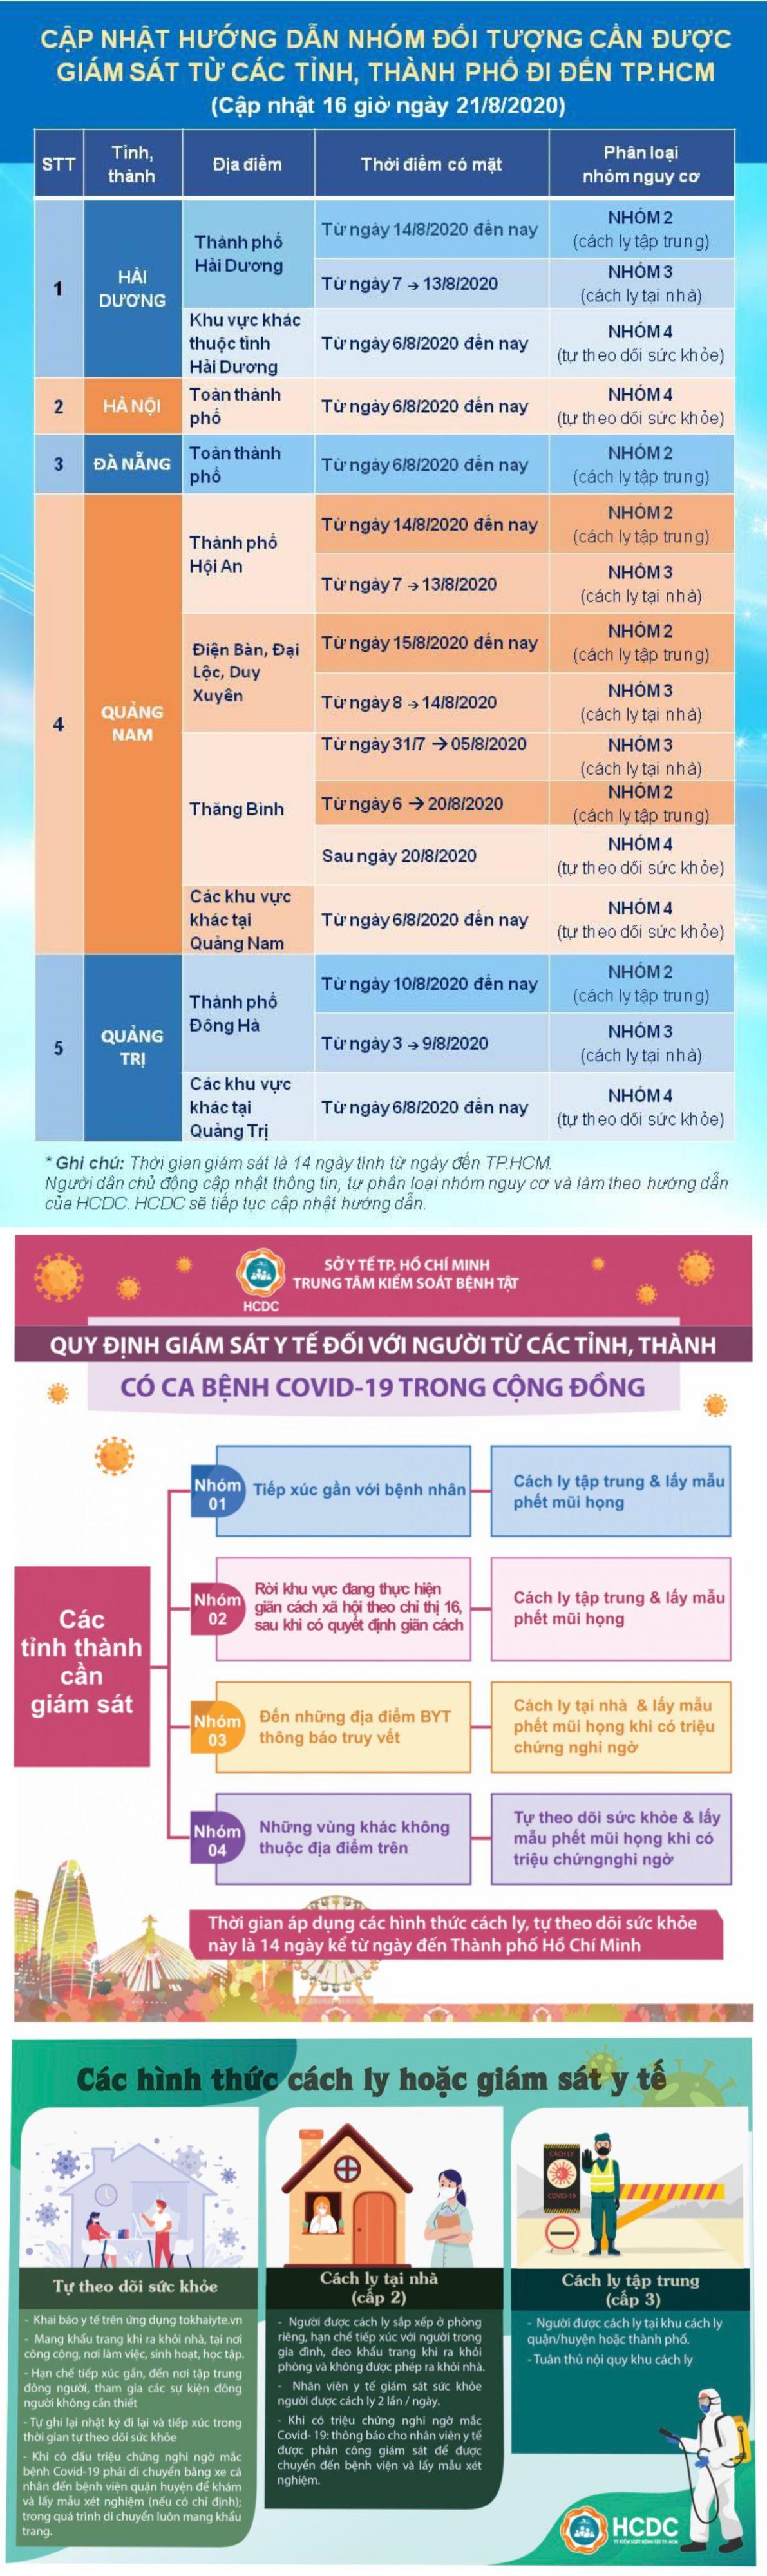 [Infographic] Những ai được thanh toán chi phí xét nghiệm Covid-19 - Ảnh 1